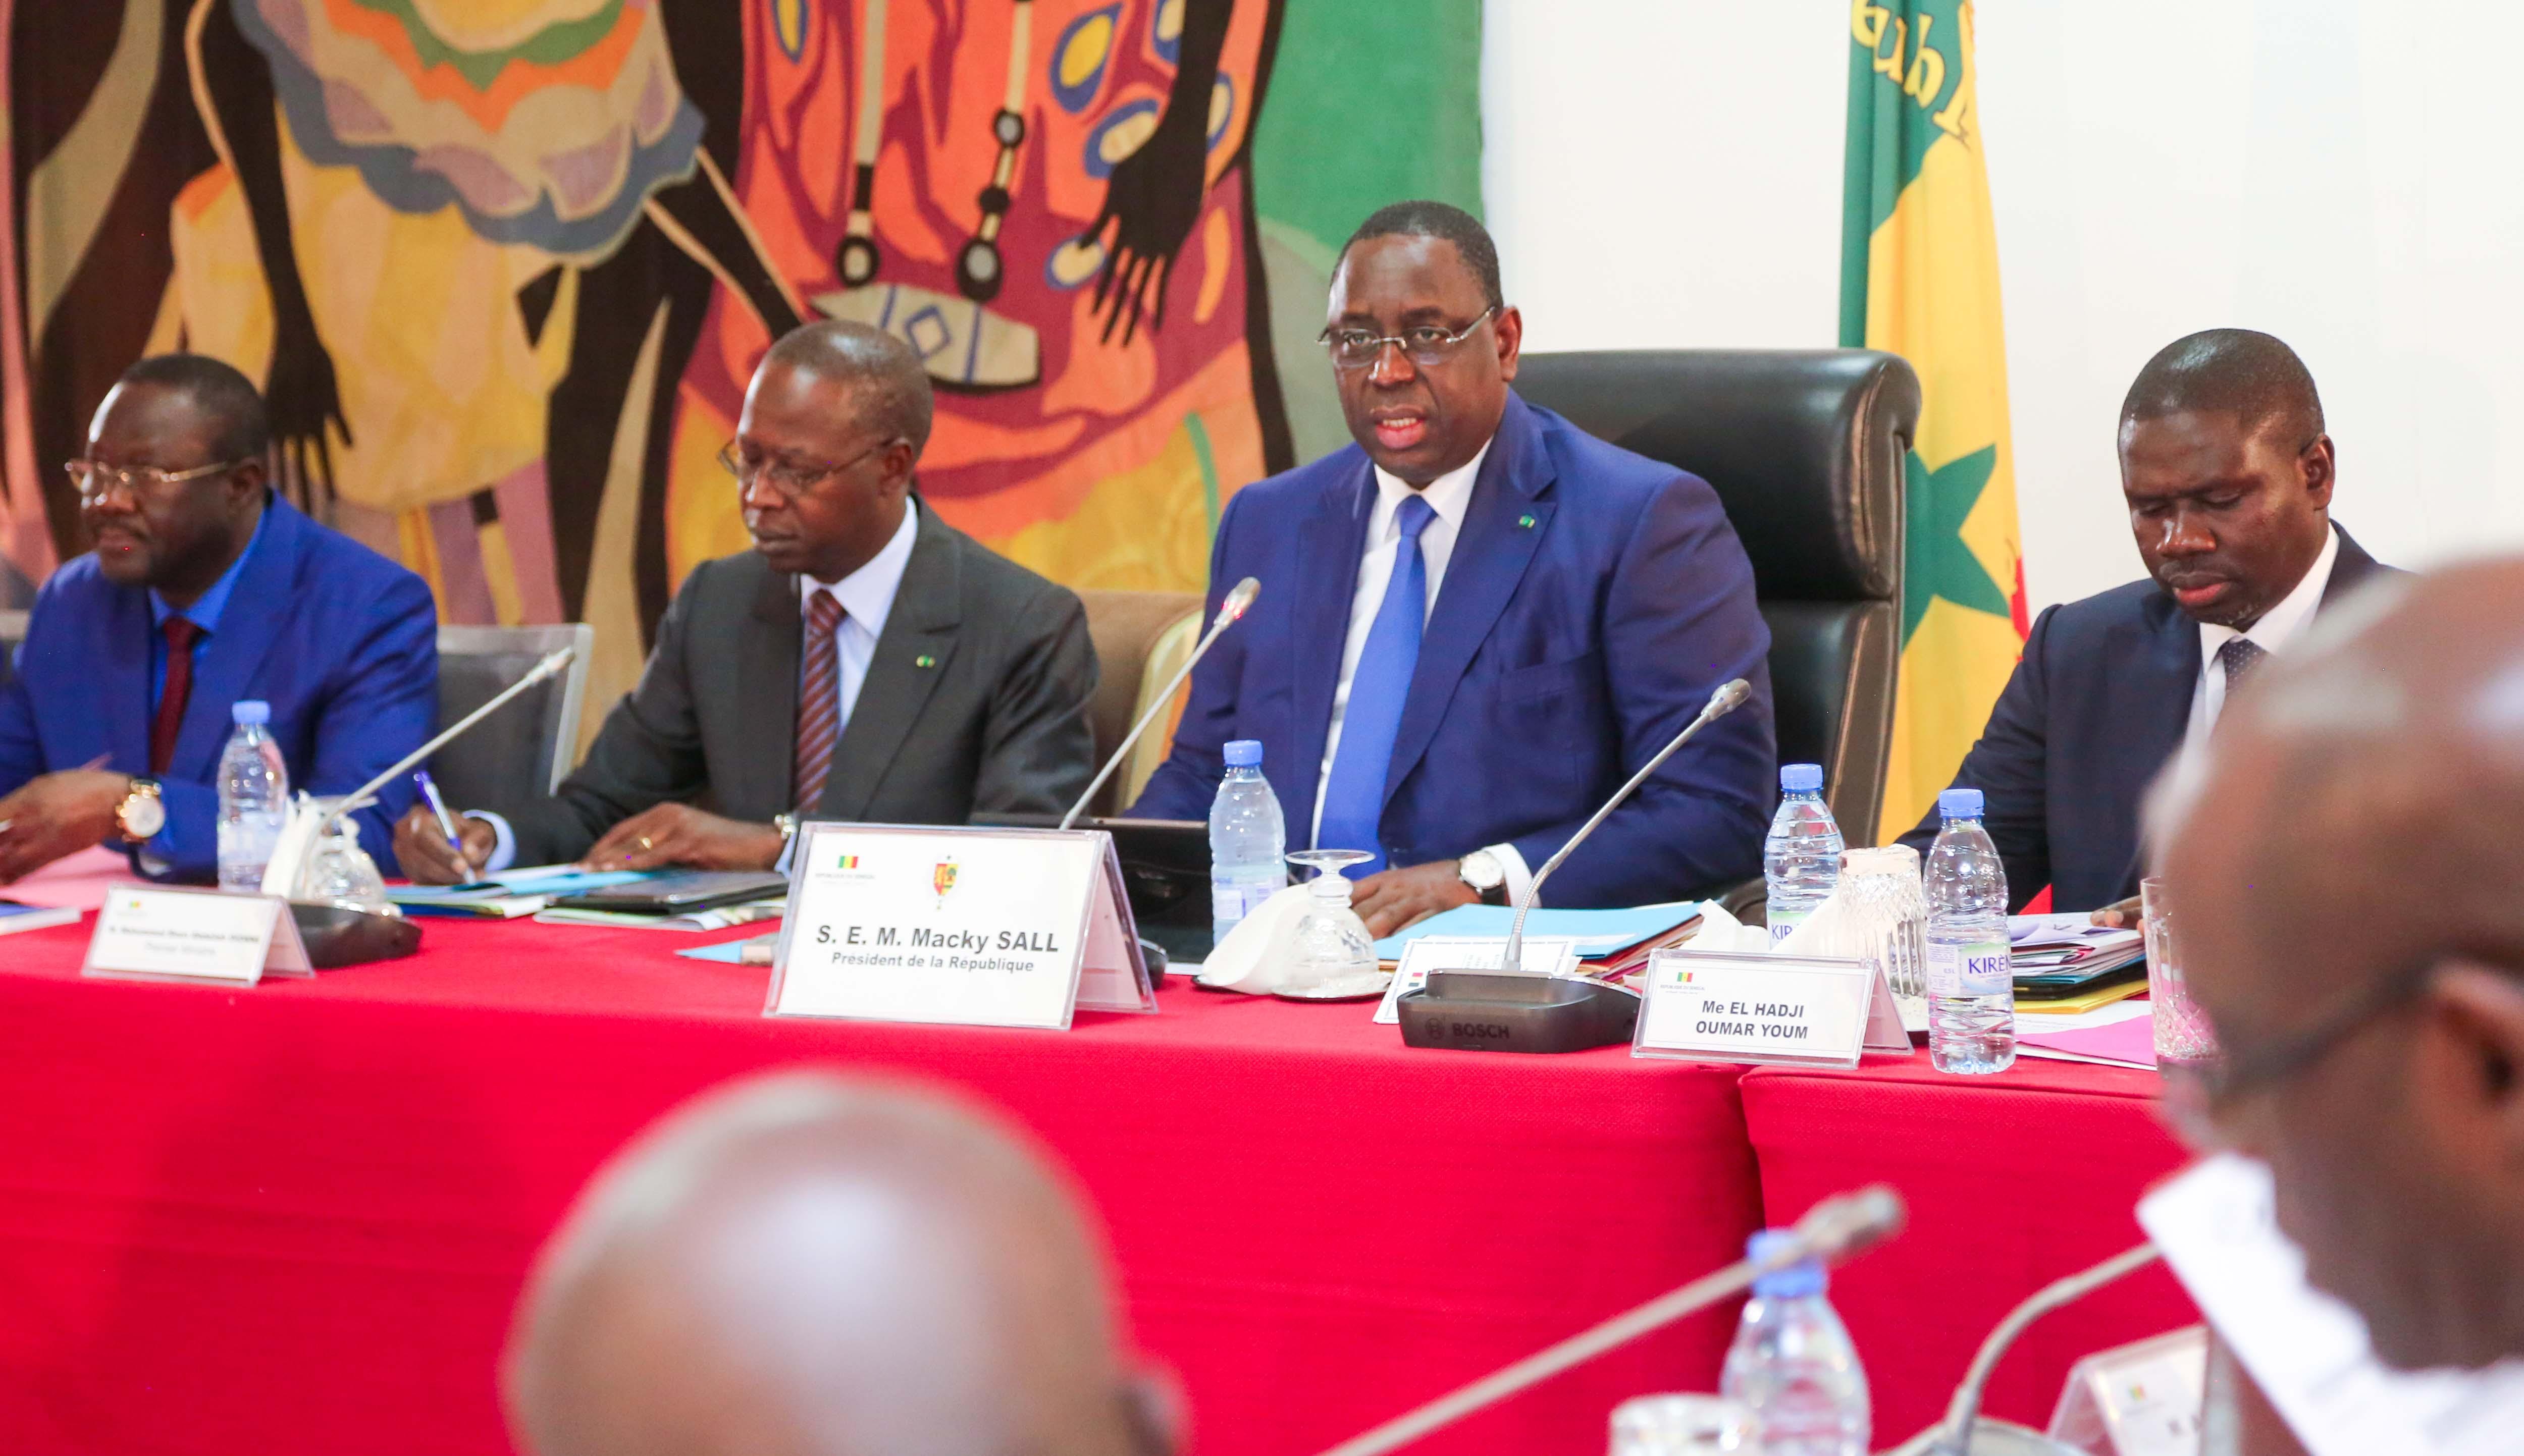 Le Communiqué du Conseil des ministres du 29 février 2016